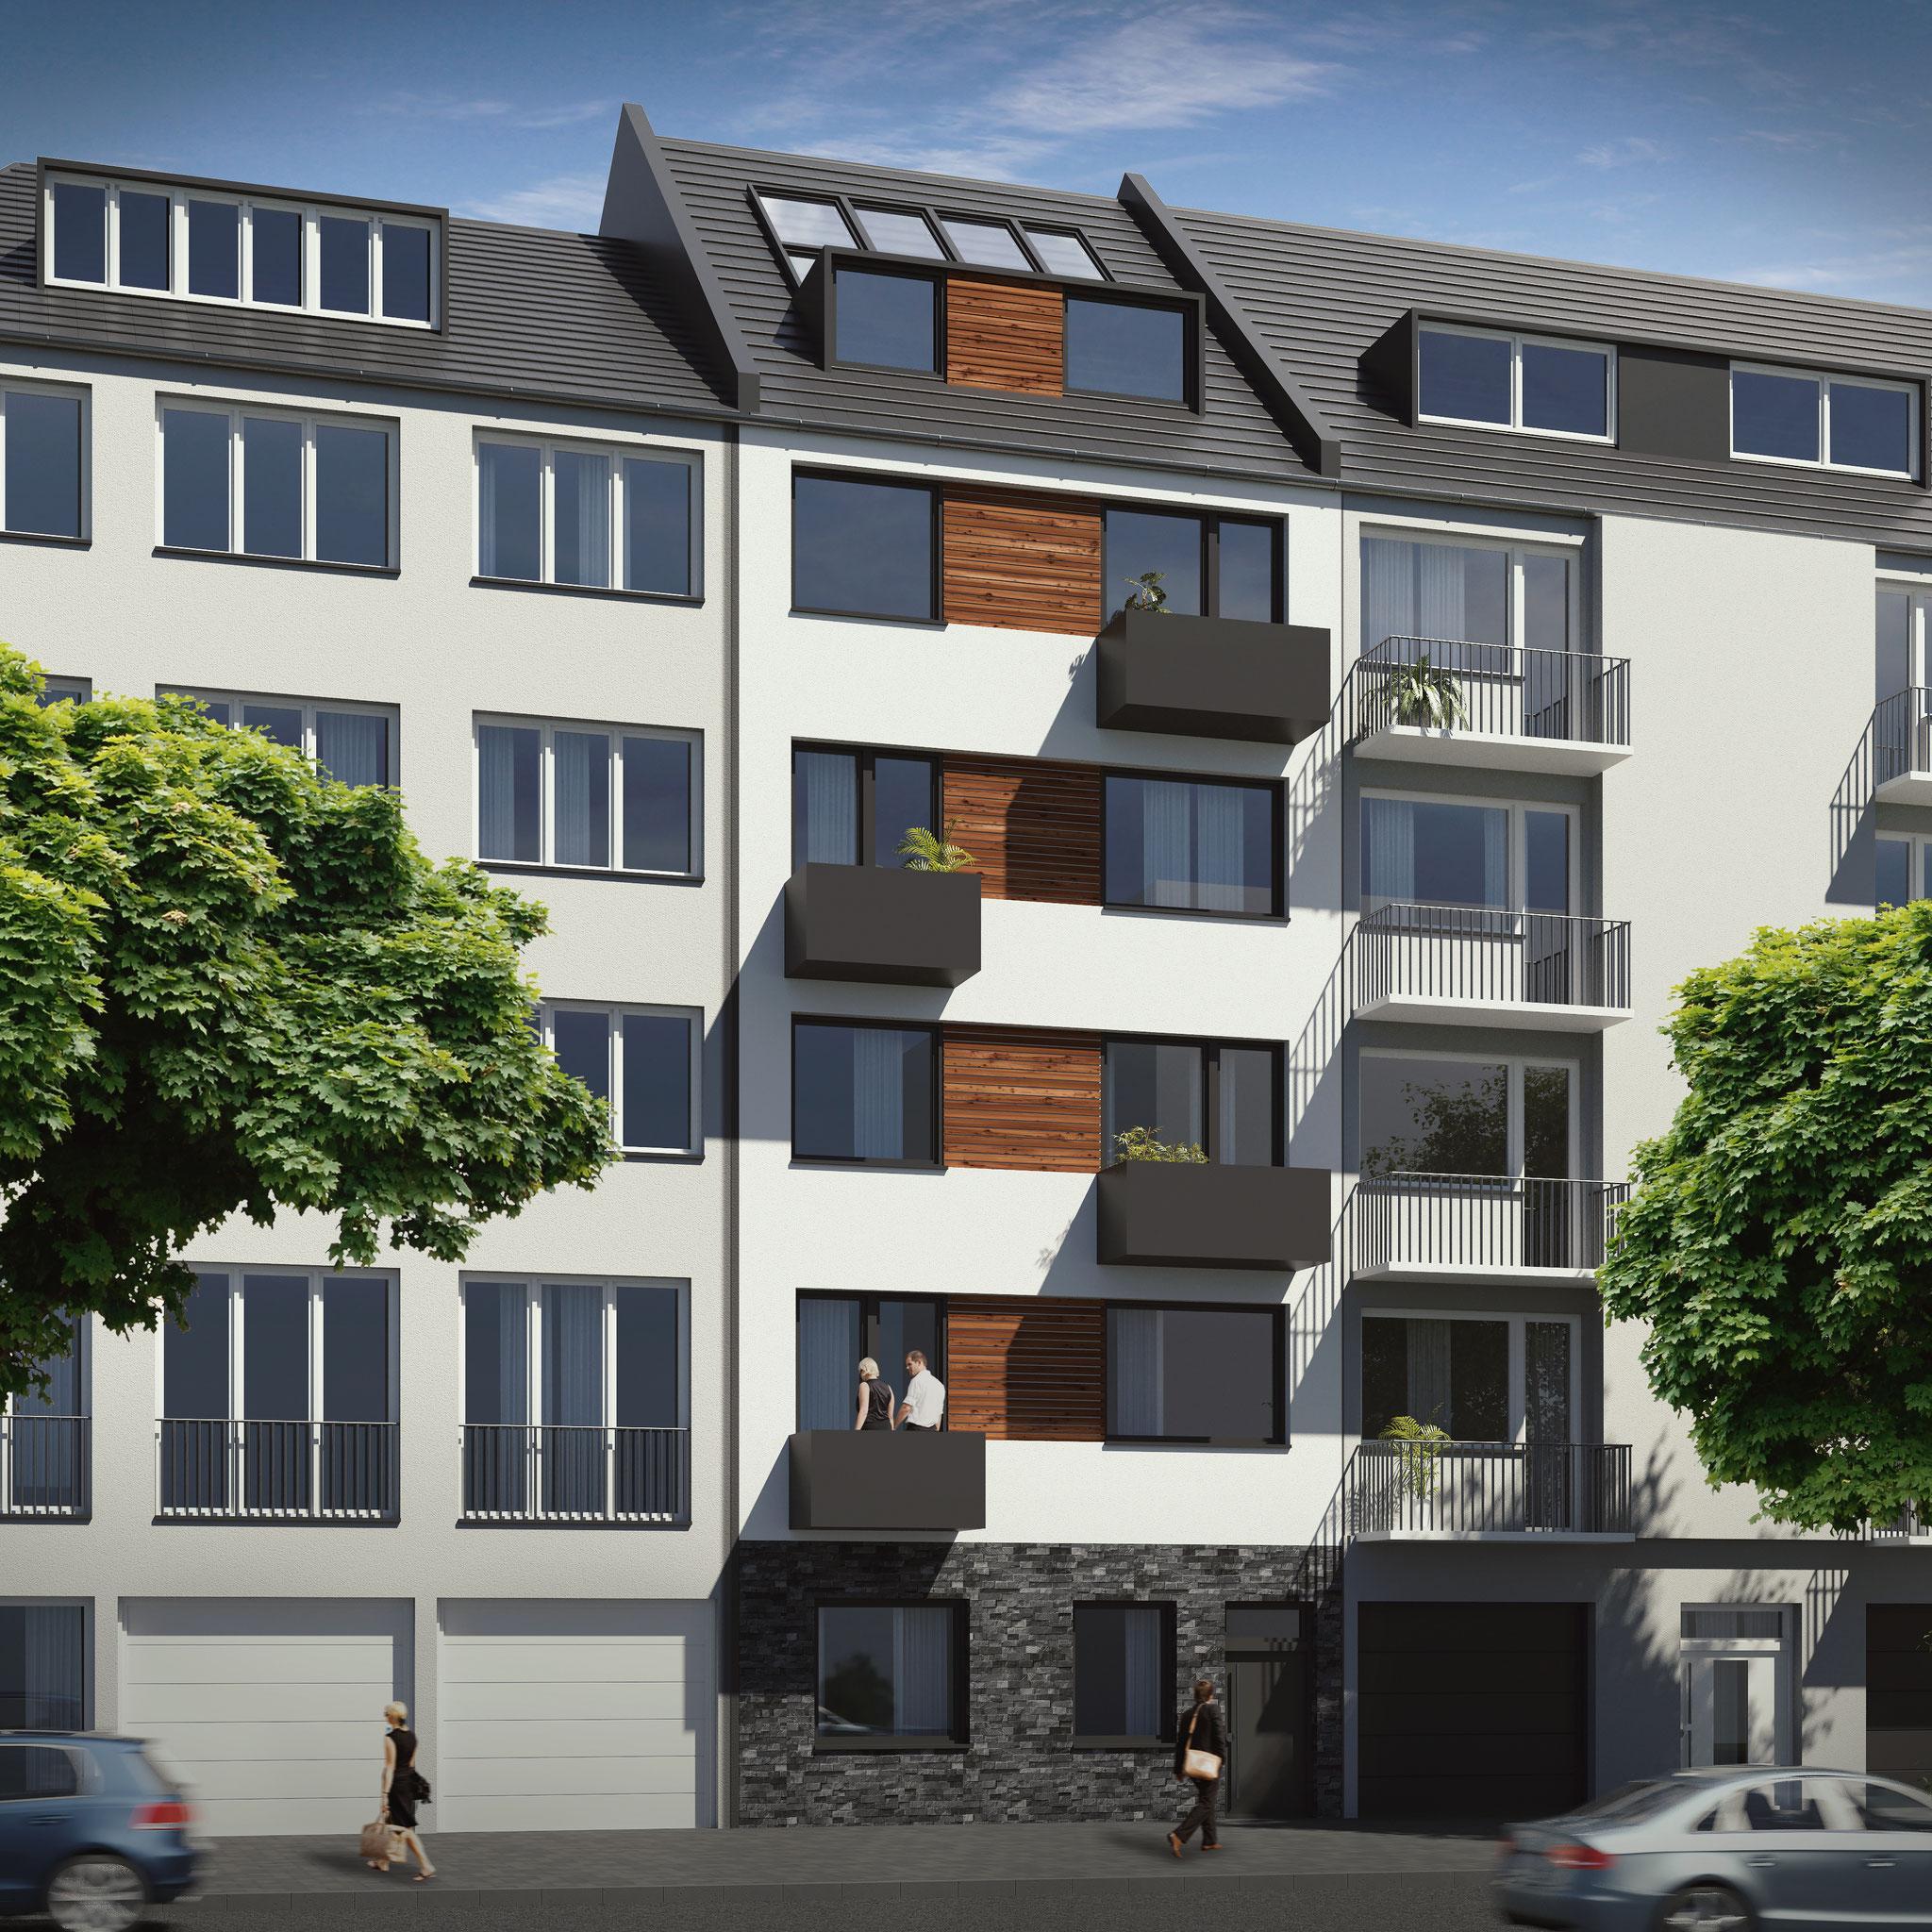 Neubauprojekt CityTerrassen in Düsseldorf Friedrichstadt - Verkauf von 6 Einheiten